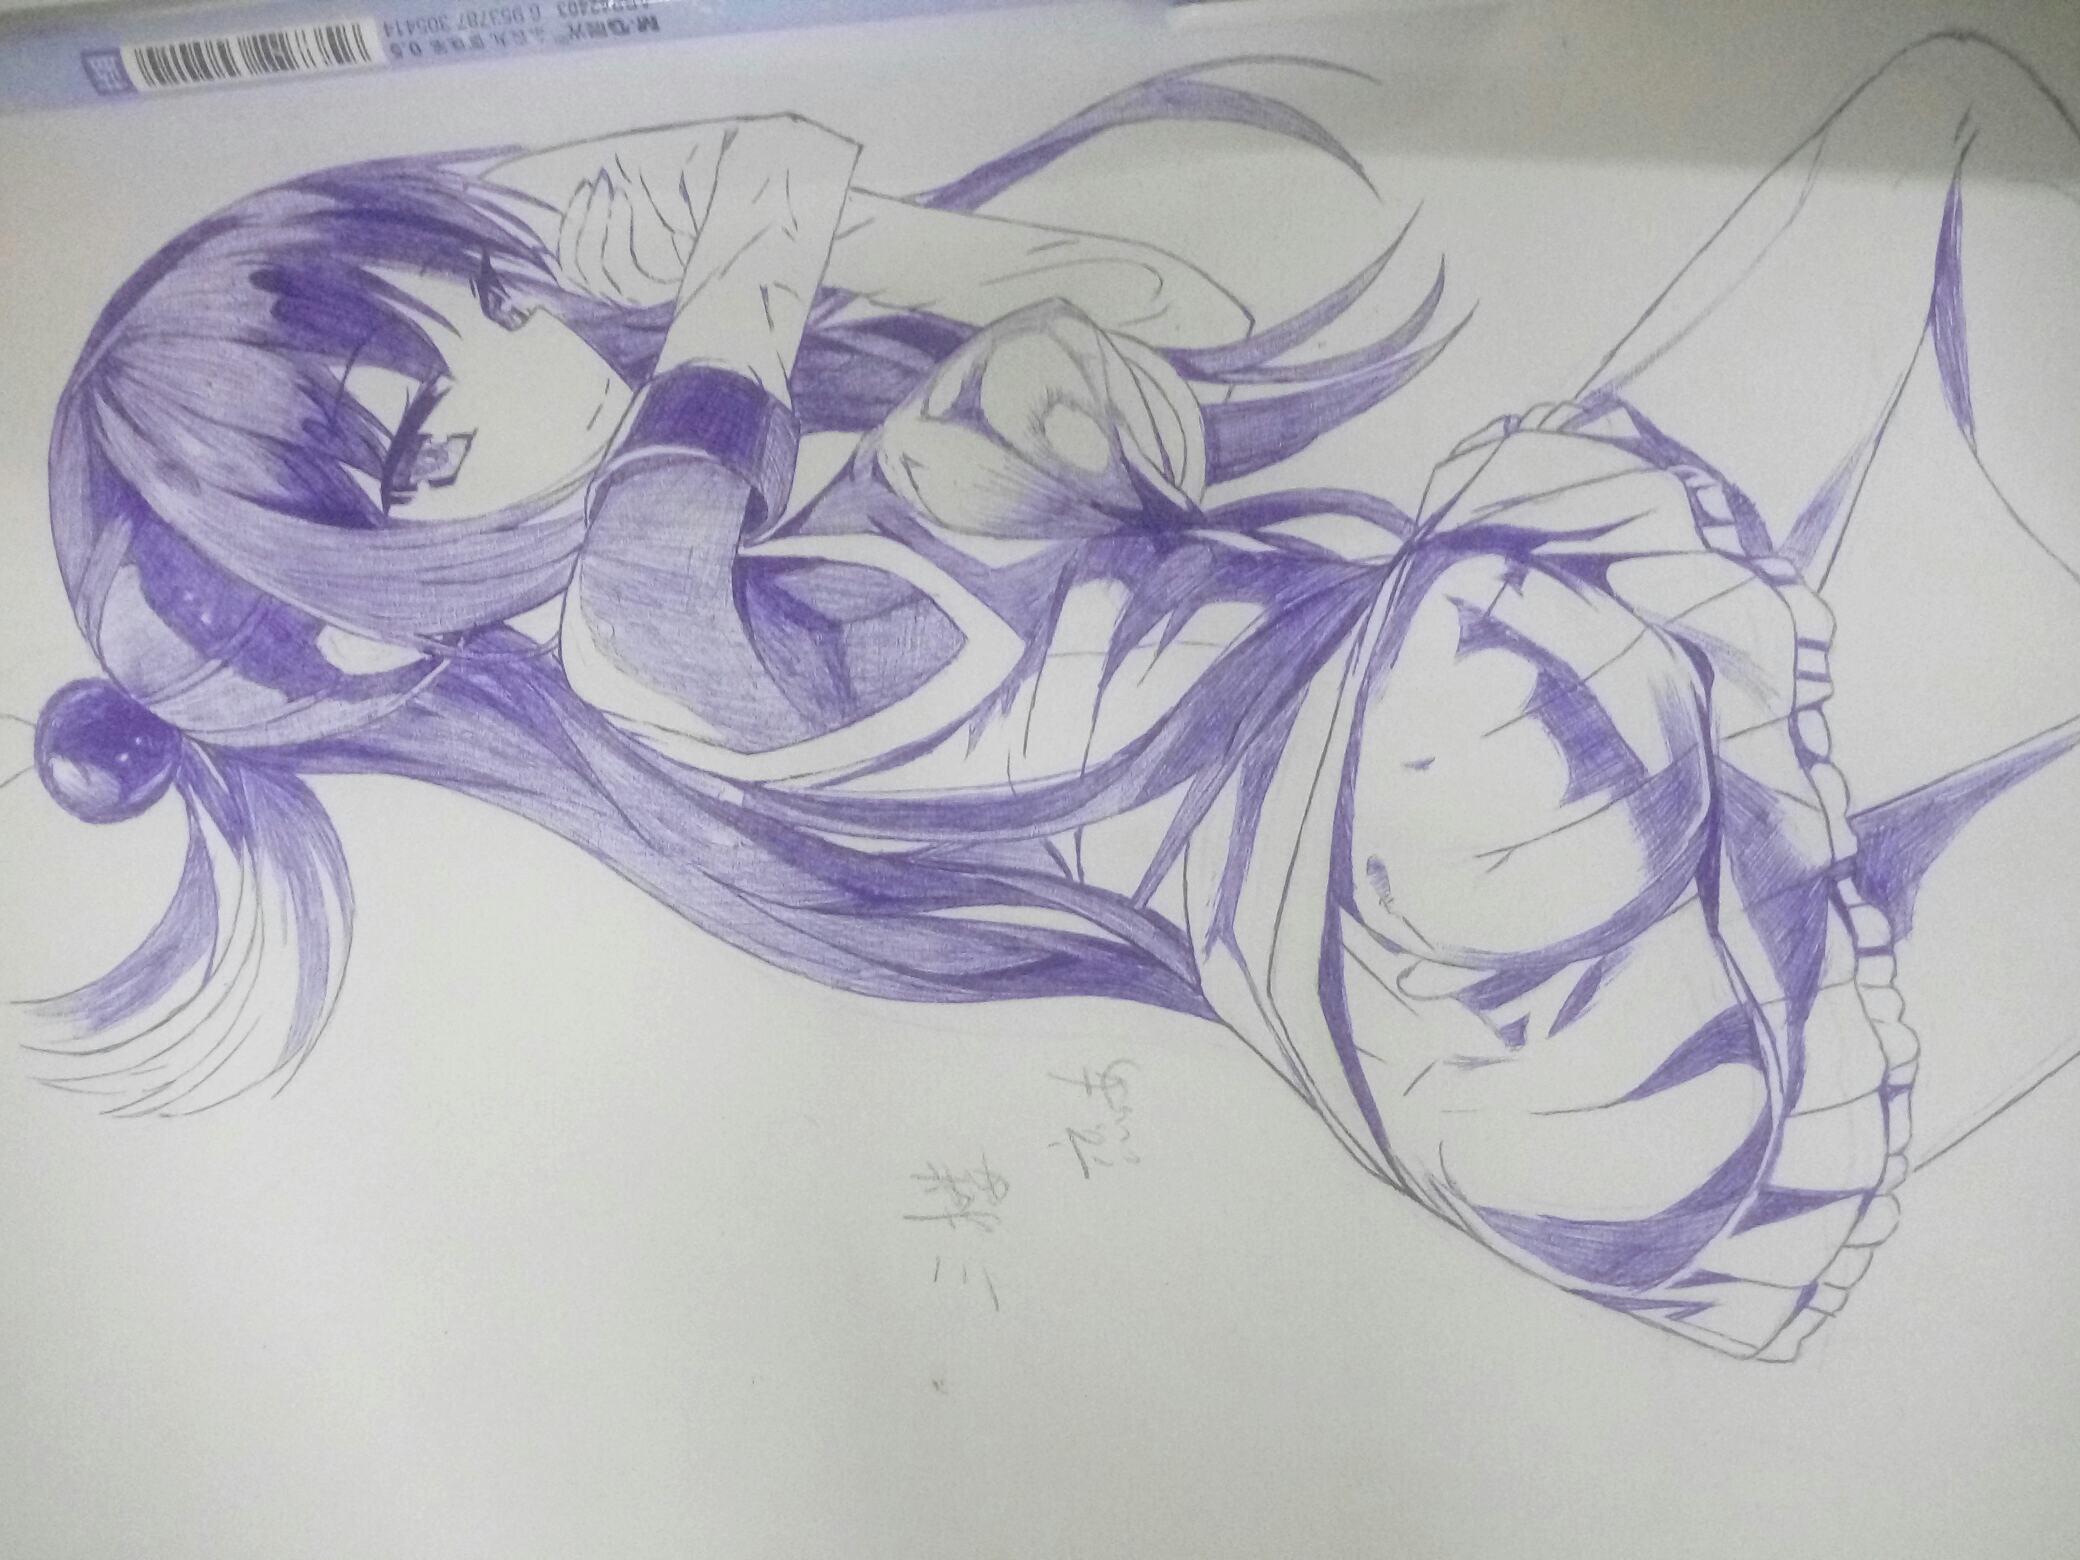 【手绘】圆珠笔画,没有崩坏的阿库娅,二次元像素图片